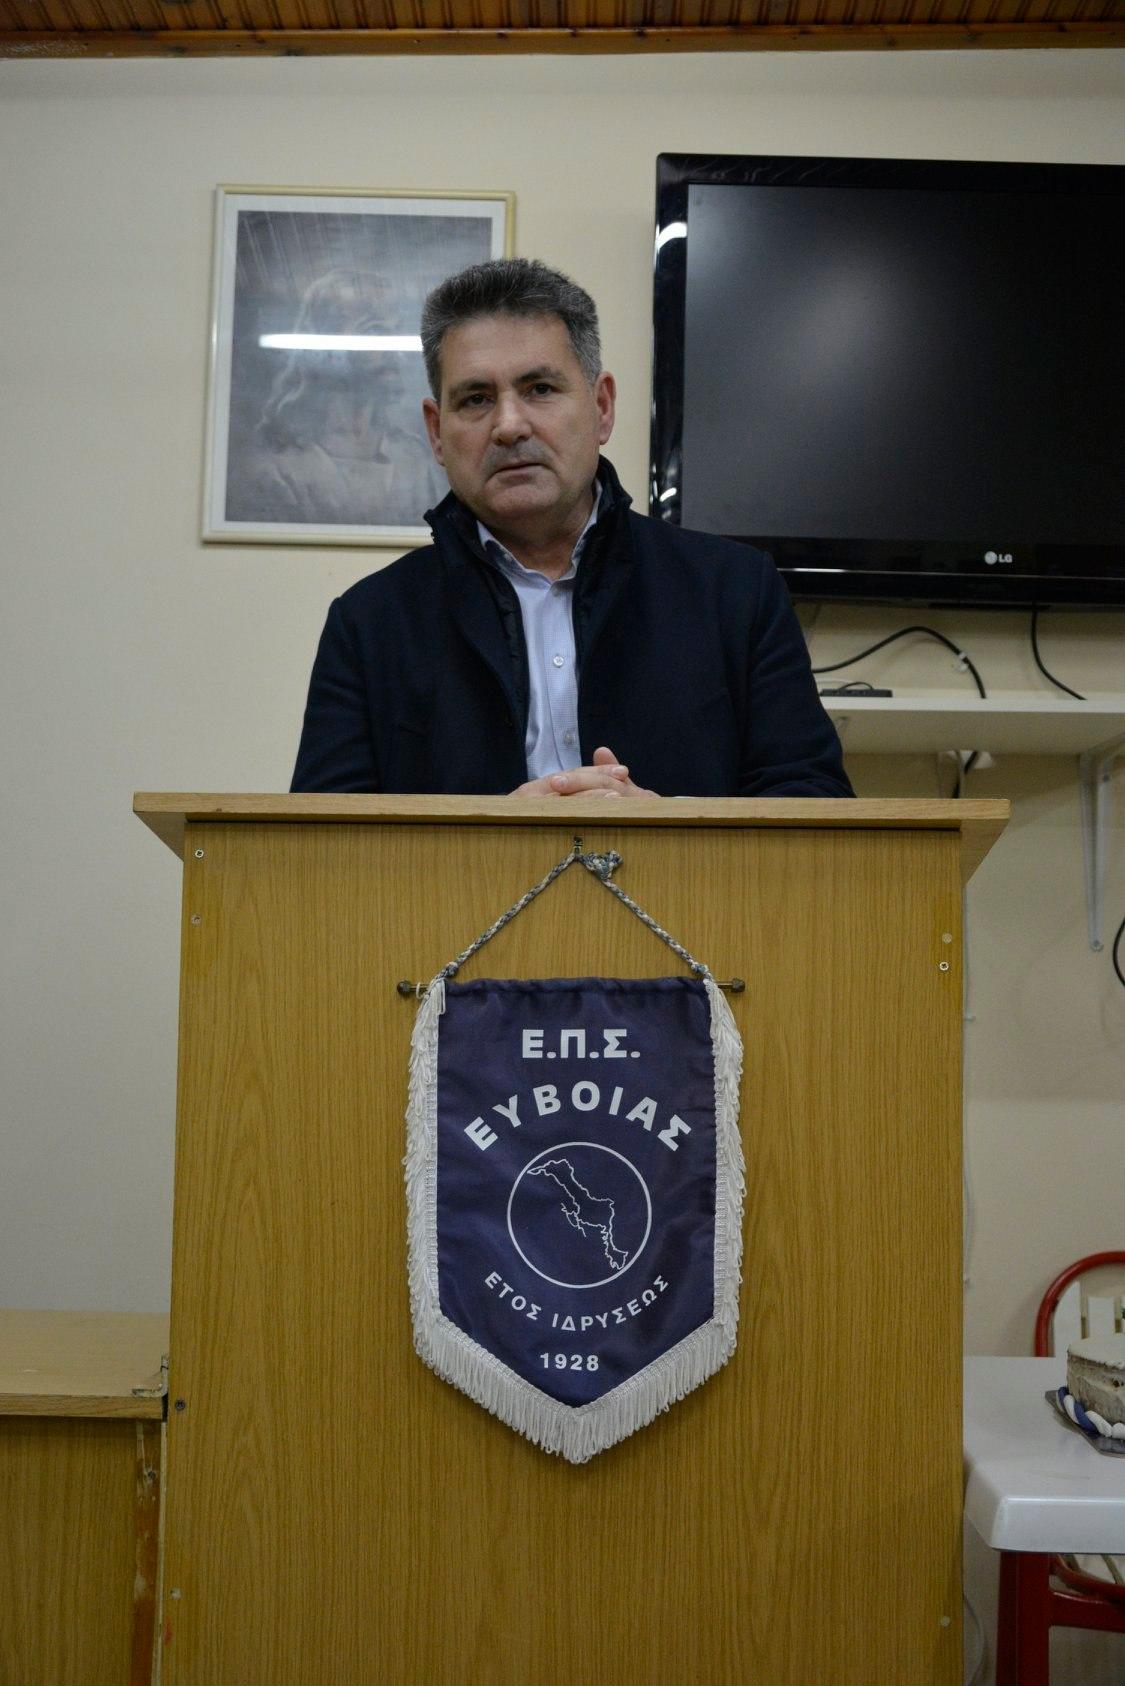 Στο νοσοκομείο με εγκεφαλικό ο Πρόεδρος της ΕΠΣ Ευβοίας Γιάννης Ρέτσας